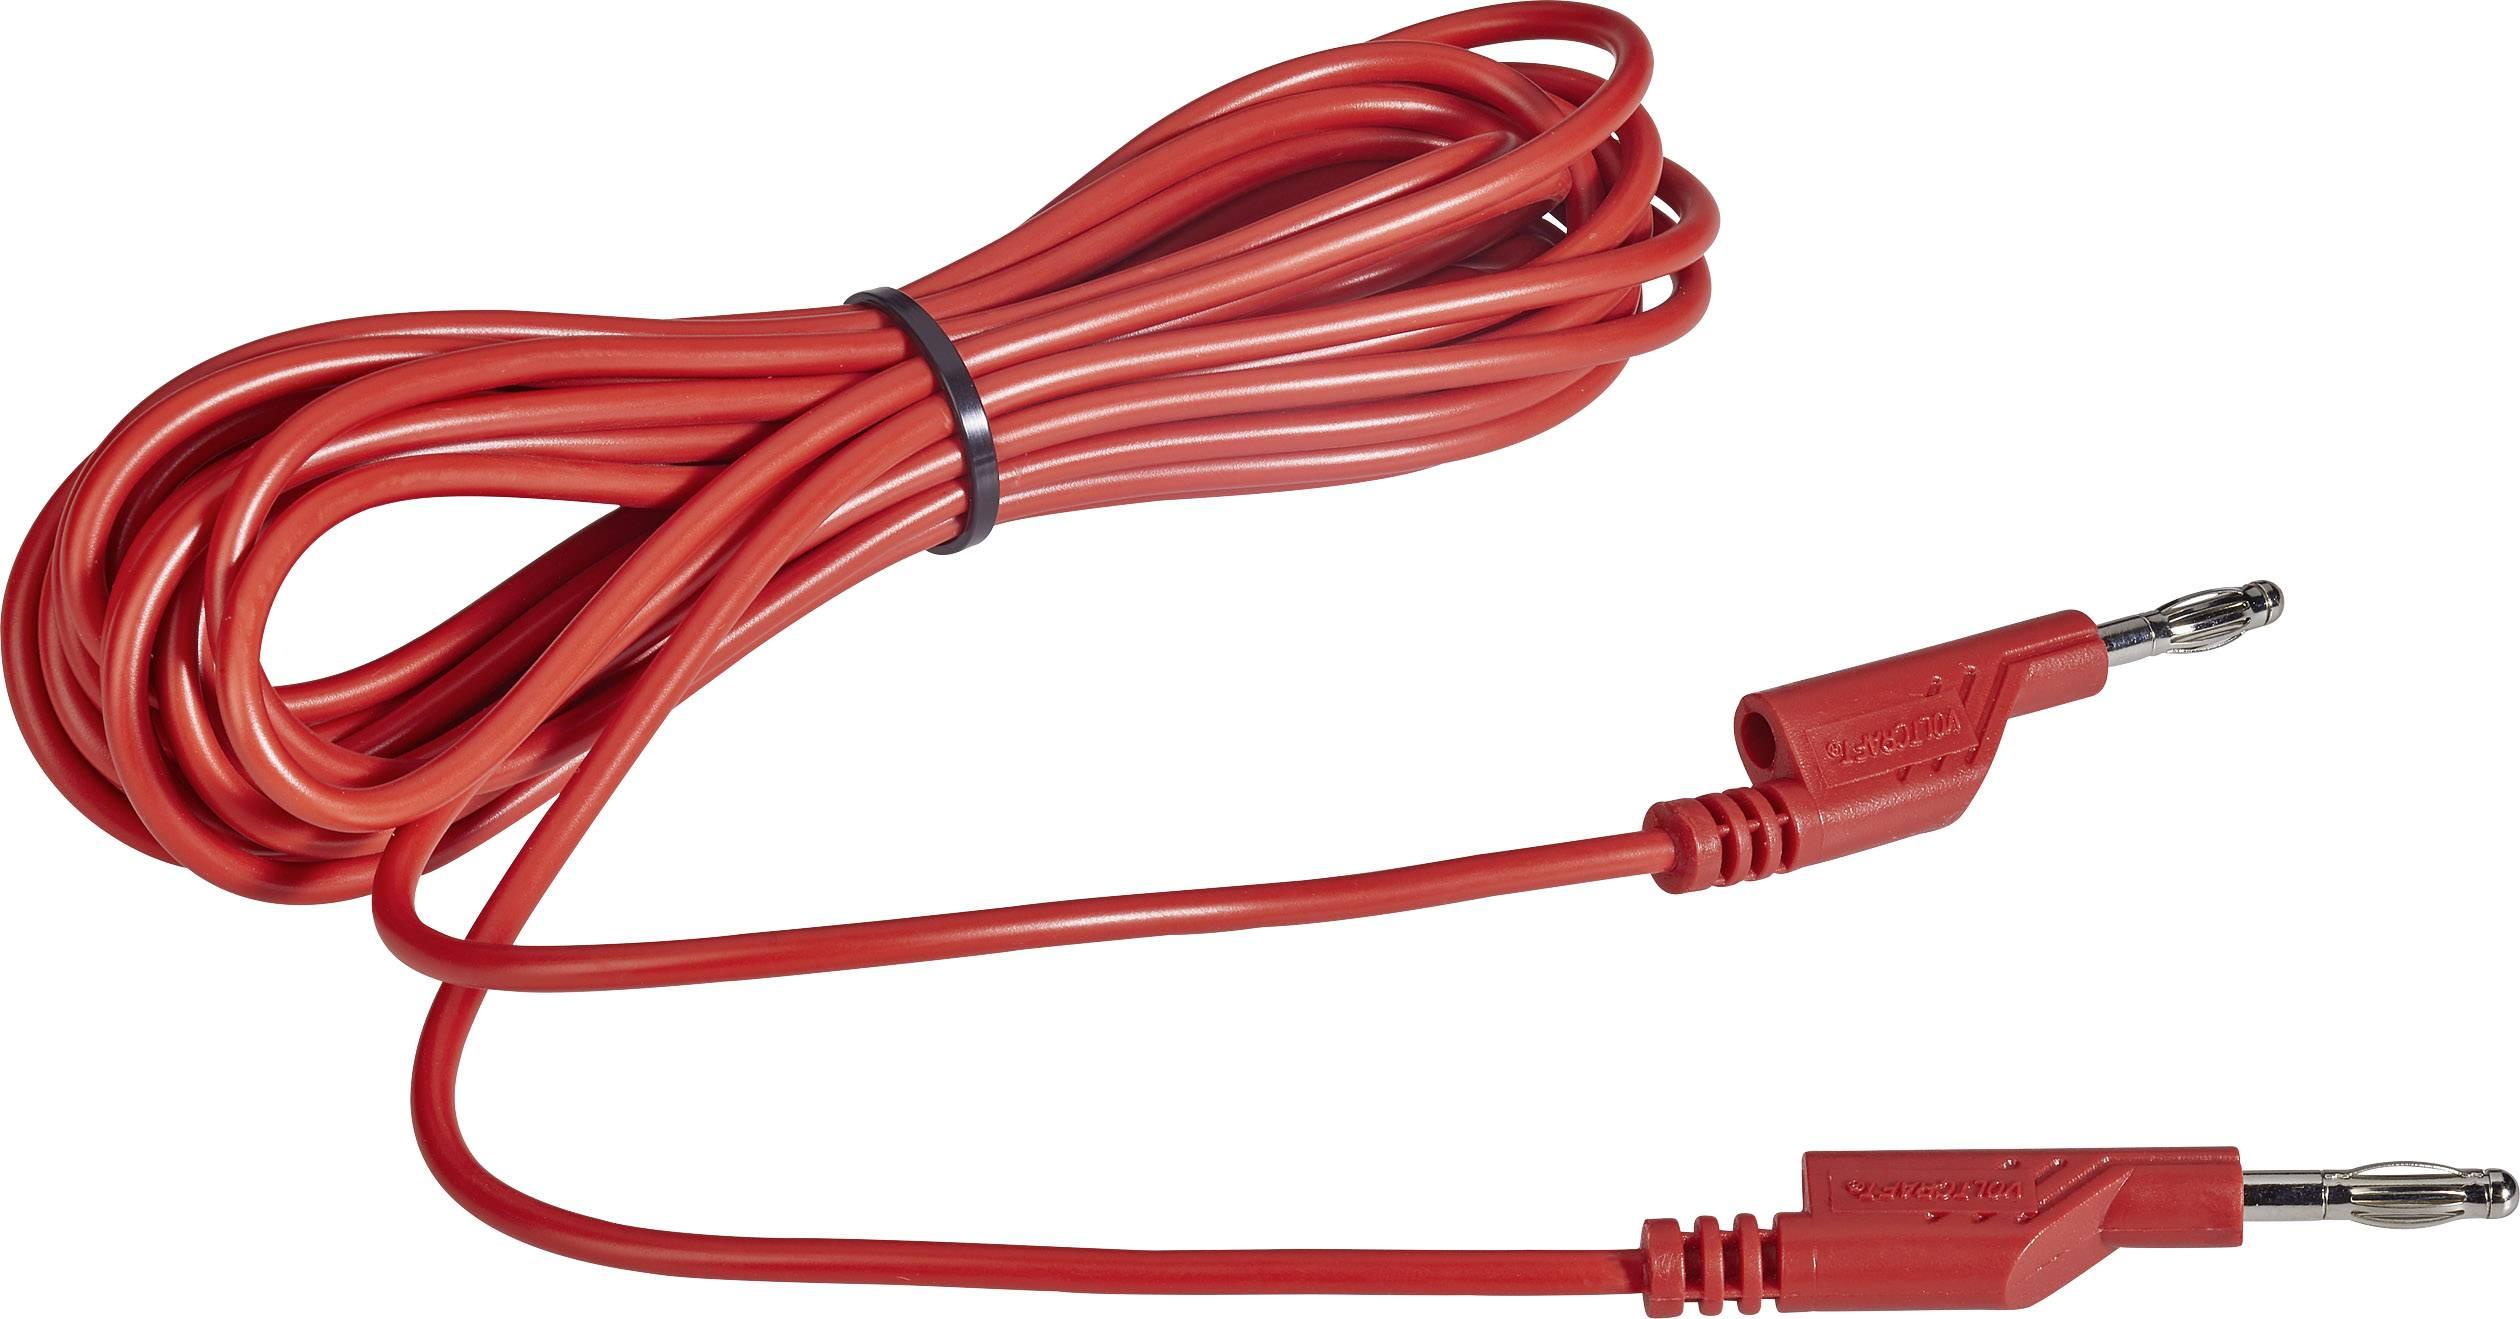 Sada měřicích kabelů banánek 4 mm ⇔ banánek 4 mm Voltcraft MS5/RT, 5 m, červená